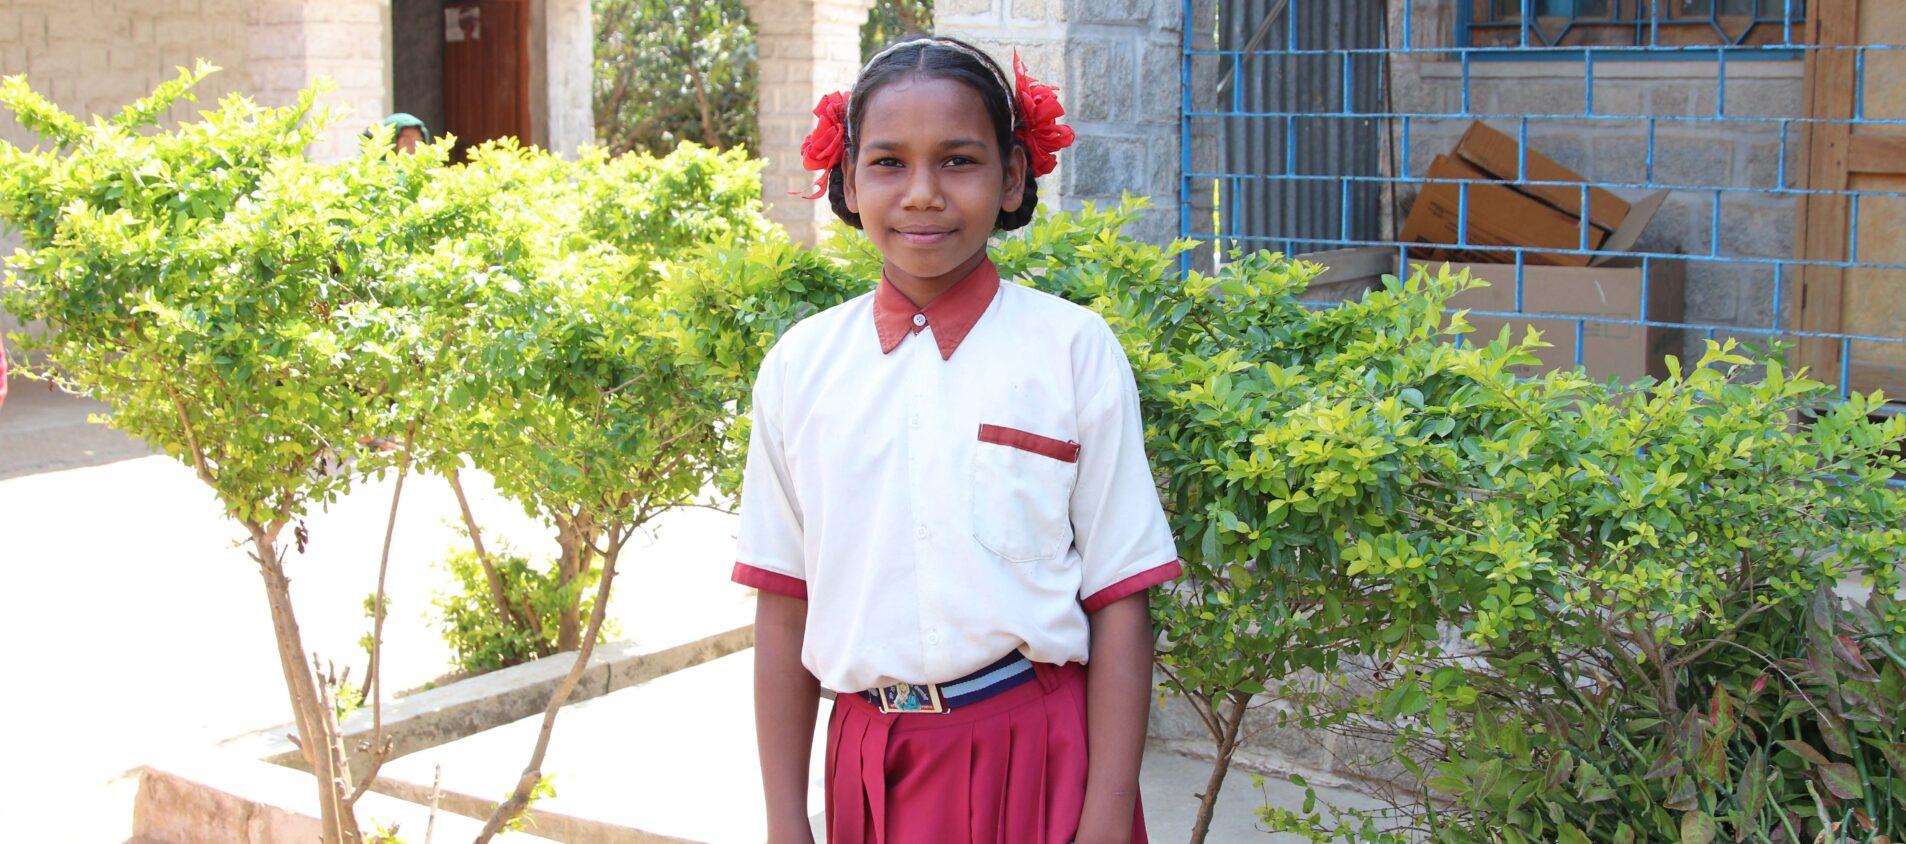 Flicka i skoluniform framför skolbyggnad i Indien.